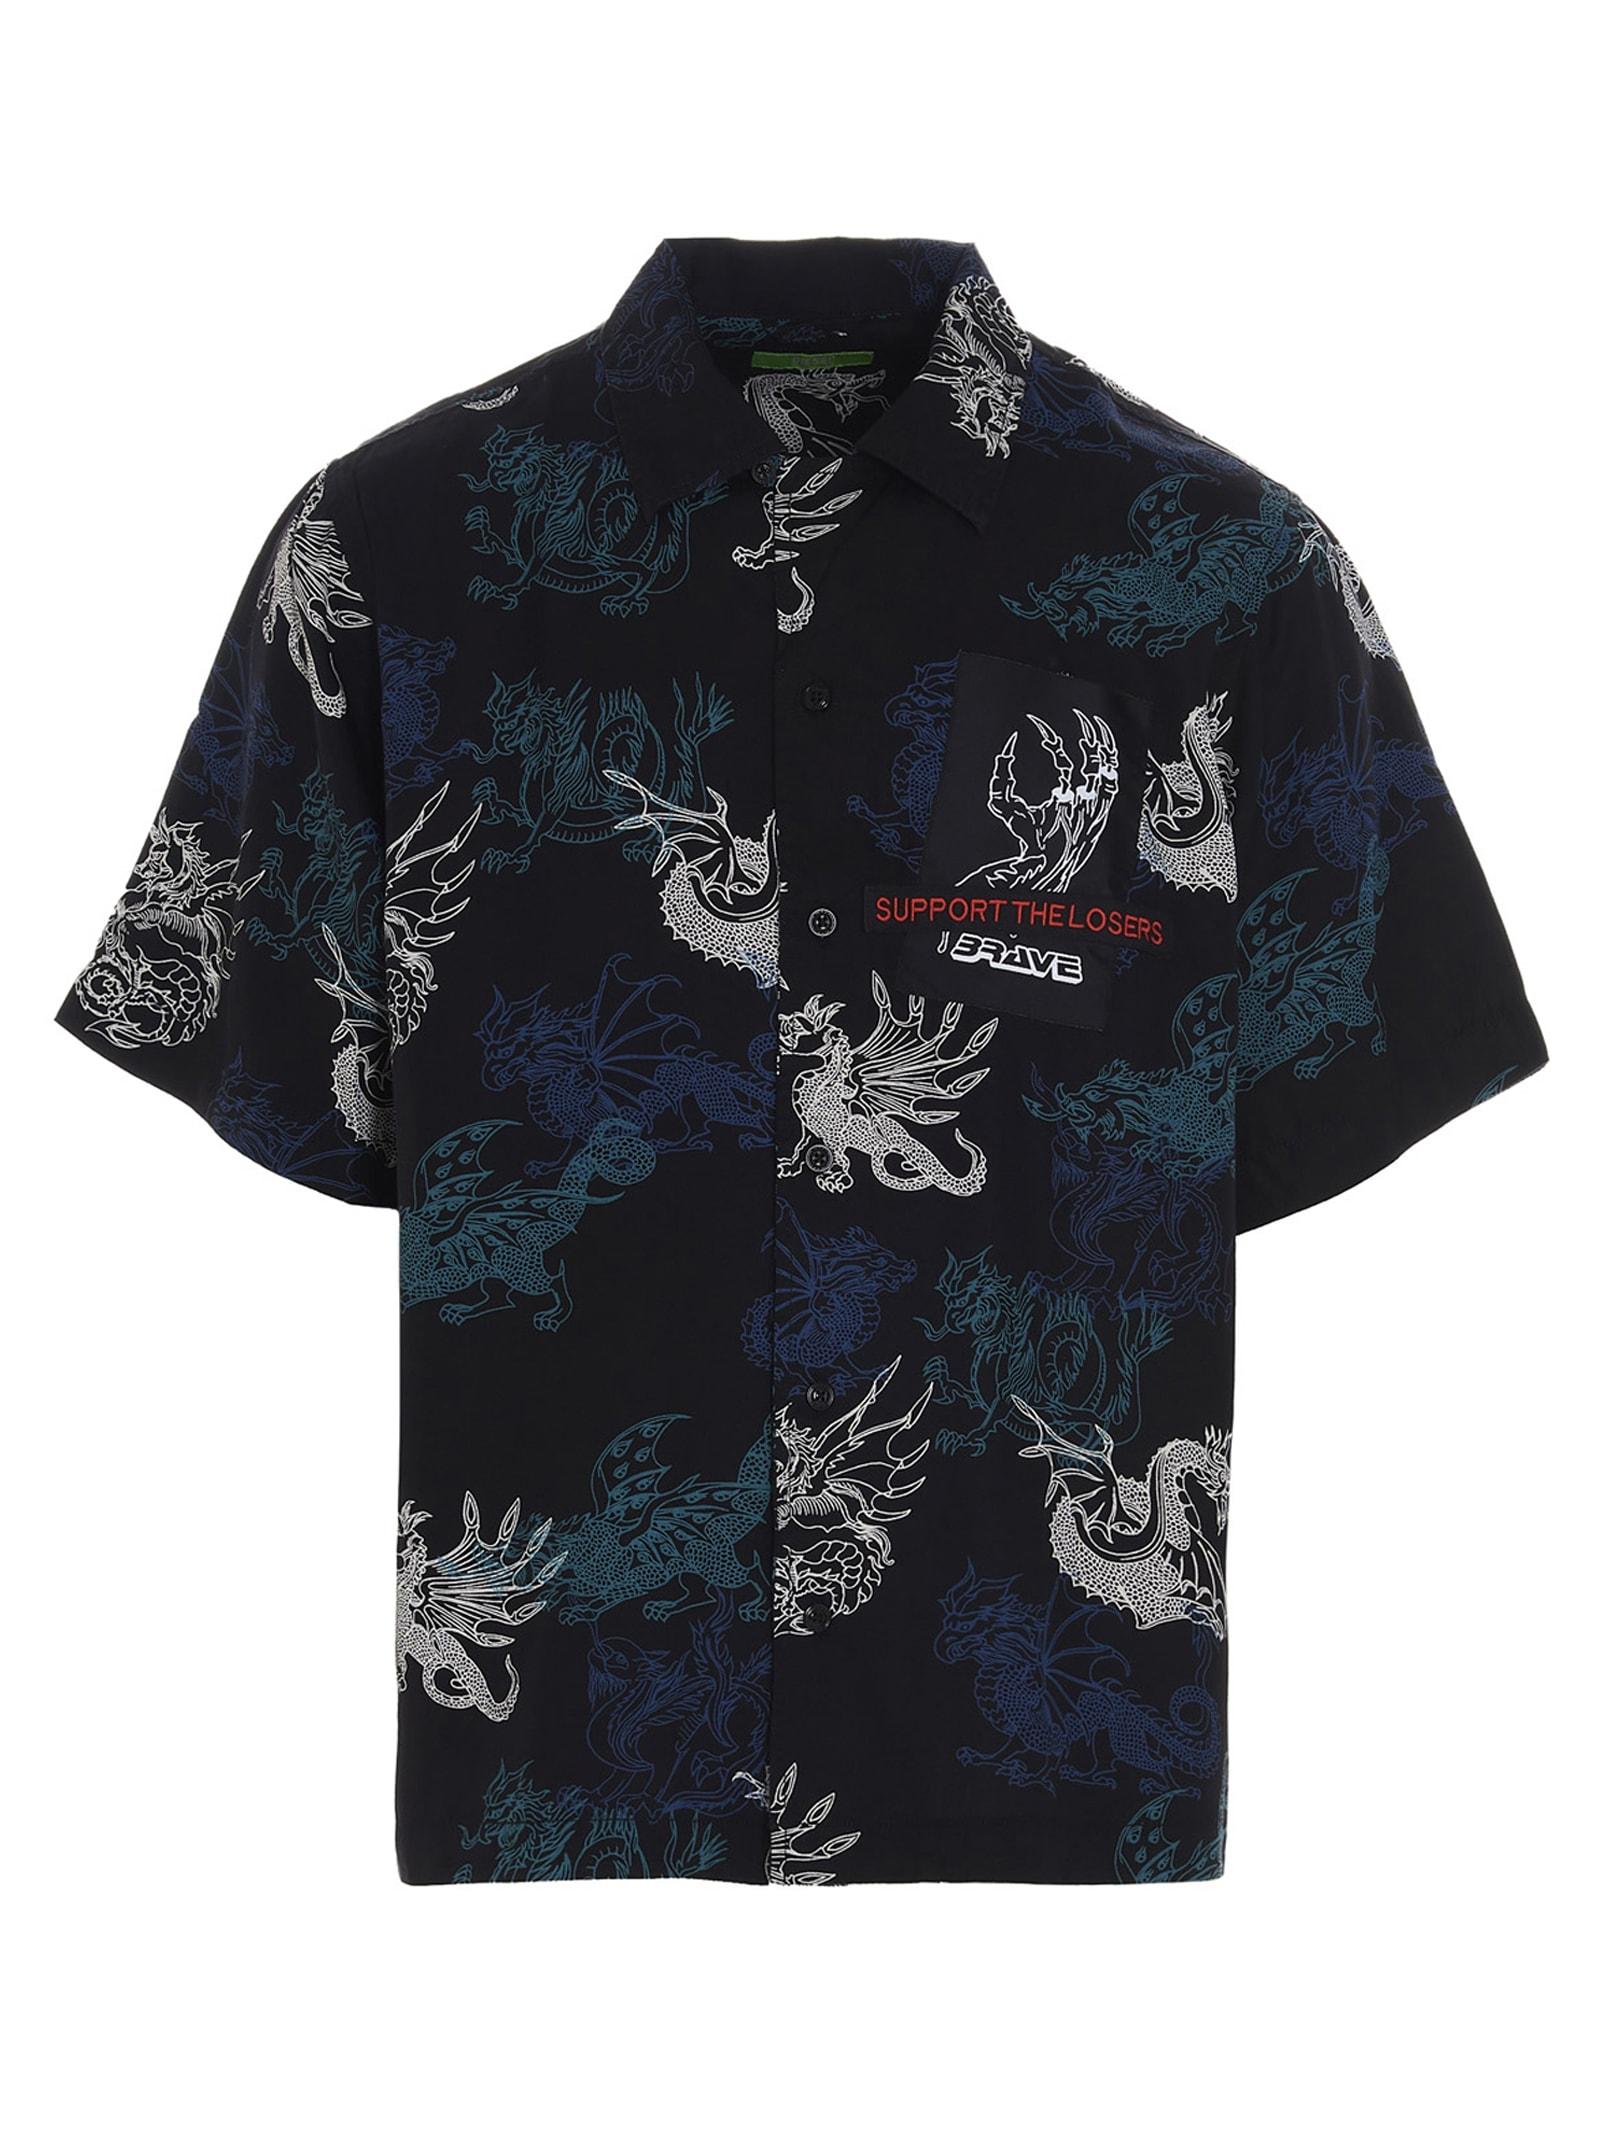 Diesel s-beach Shirt